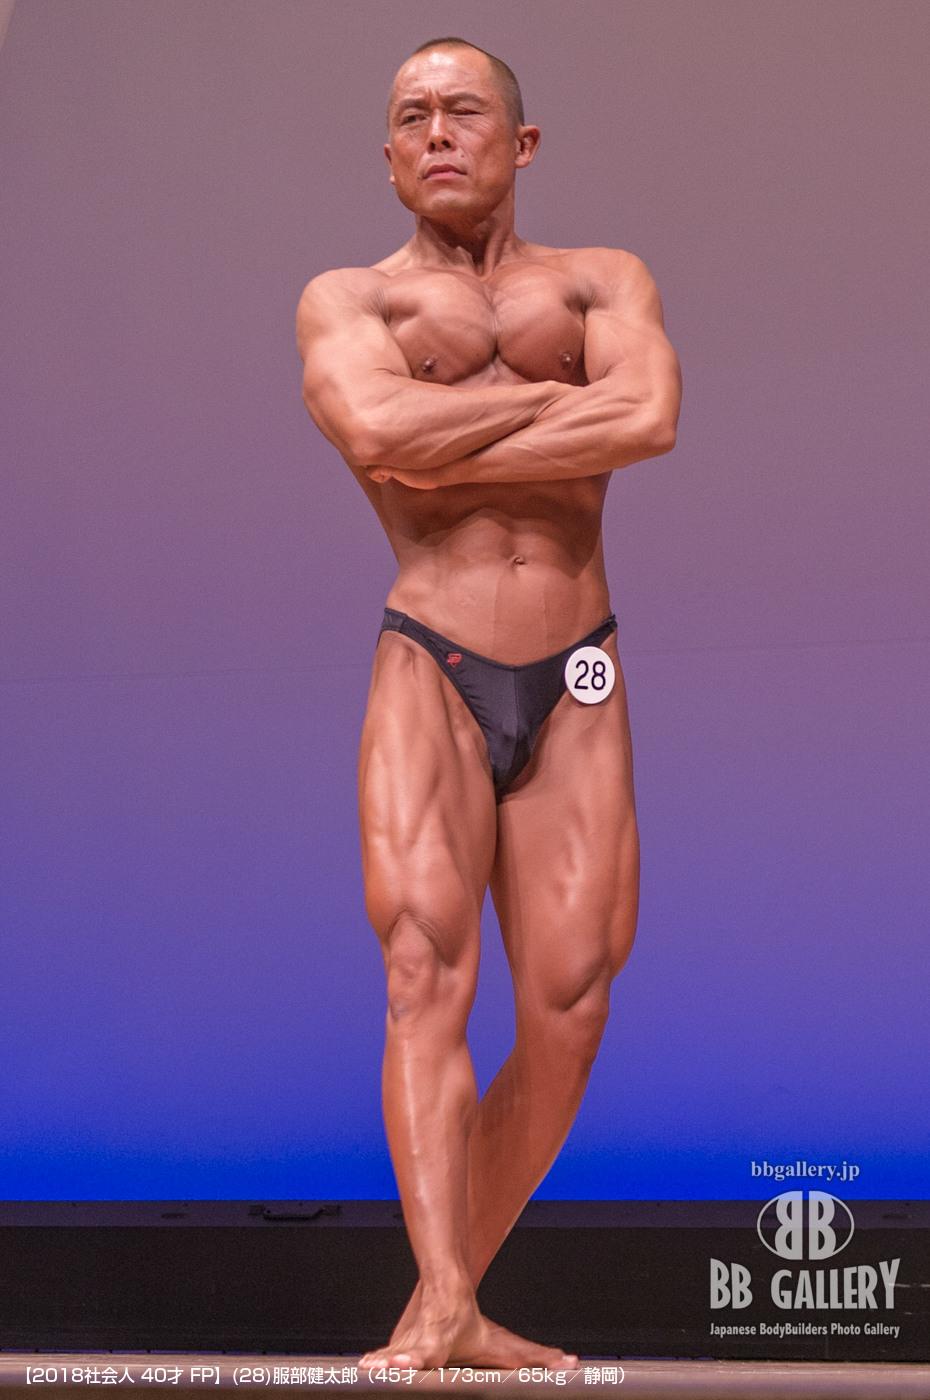 【2018社会人 40才 FP】(28)服部健太郎(45才/173cm/65kg/静岡)